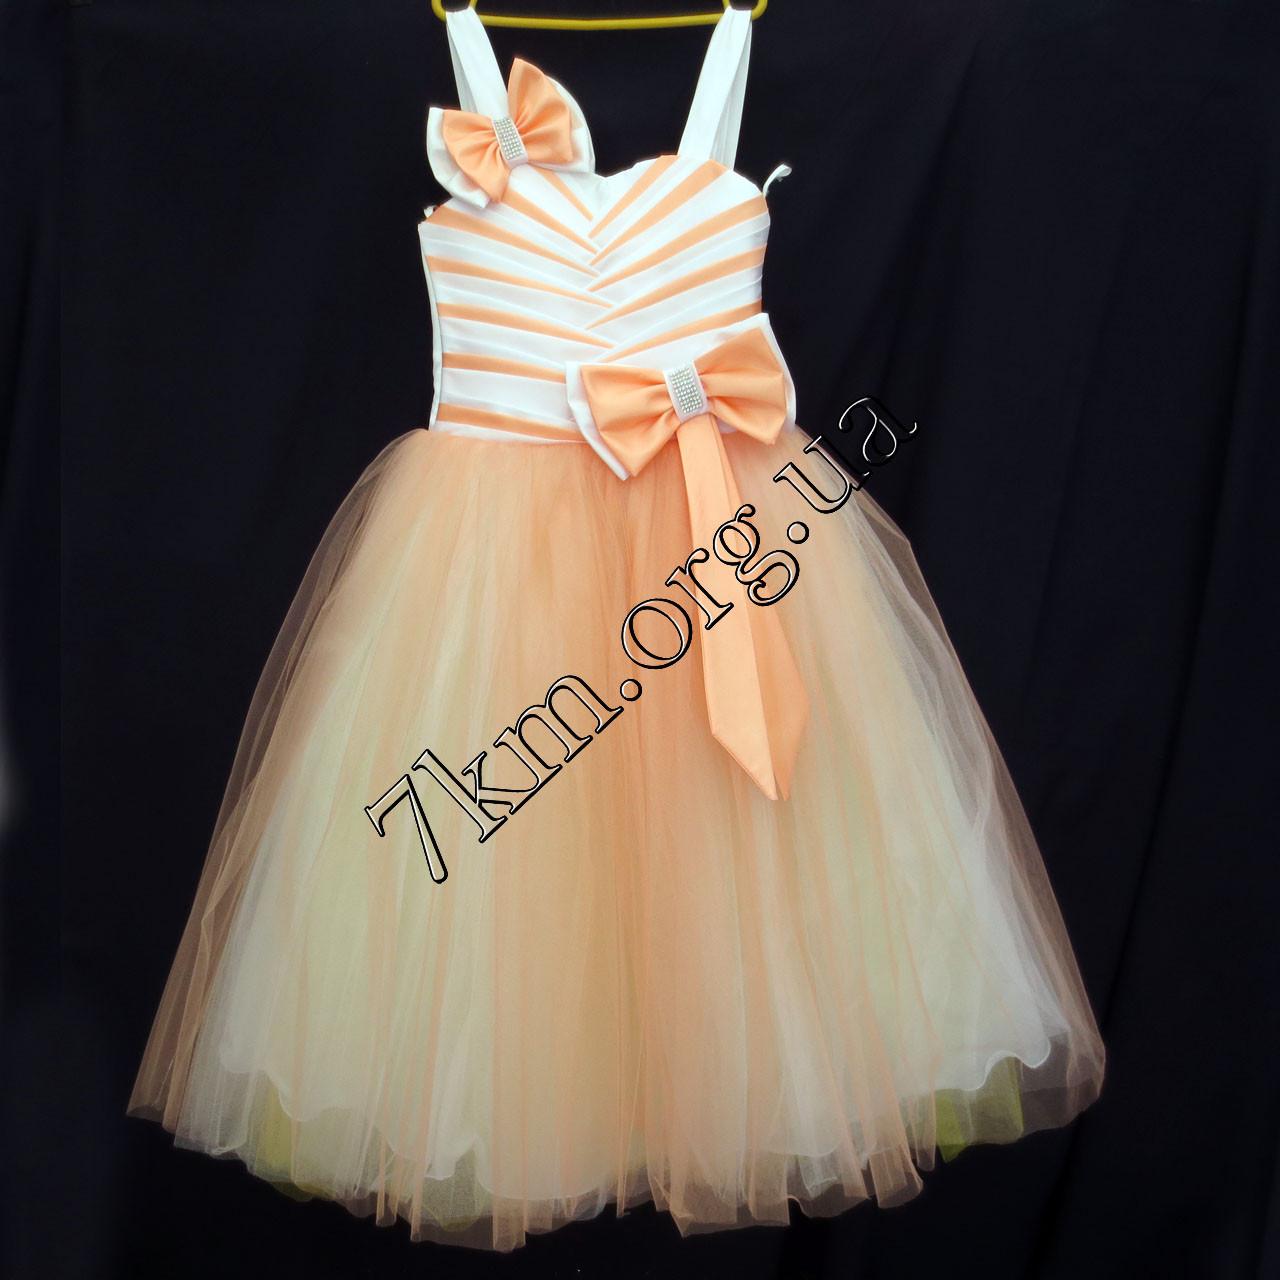 Платье нарядное бальное детское 6-7 лет Полоски персик  Украина оптом.